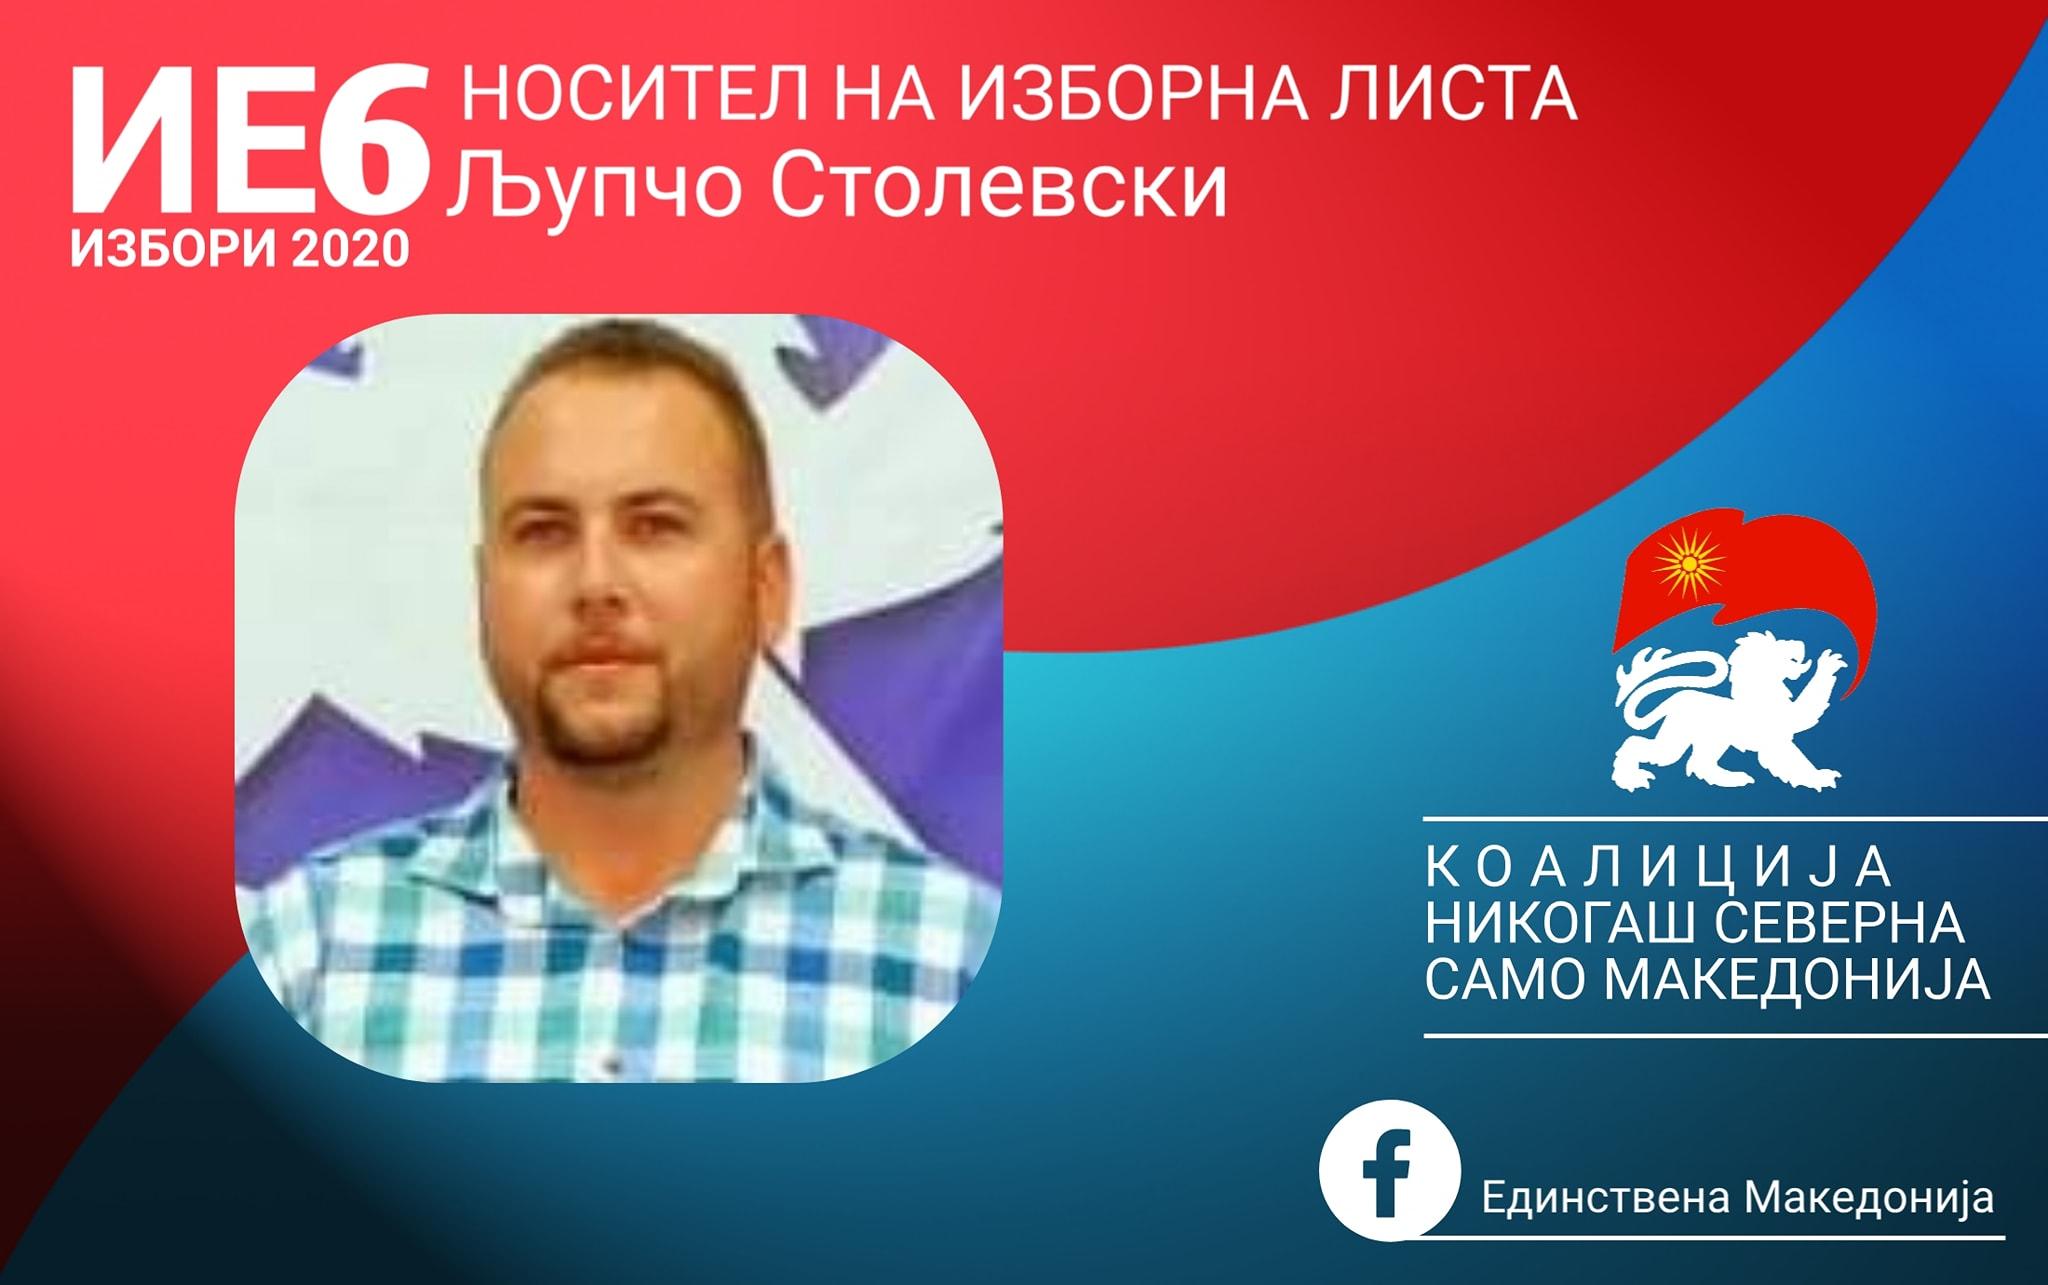 Љупчо Столевски носител на листа во шестата изборна единица